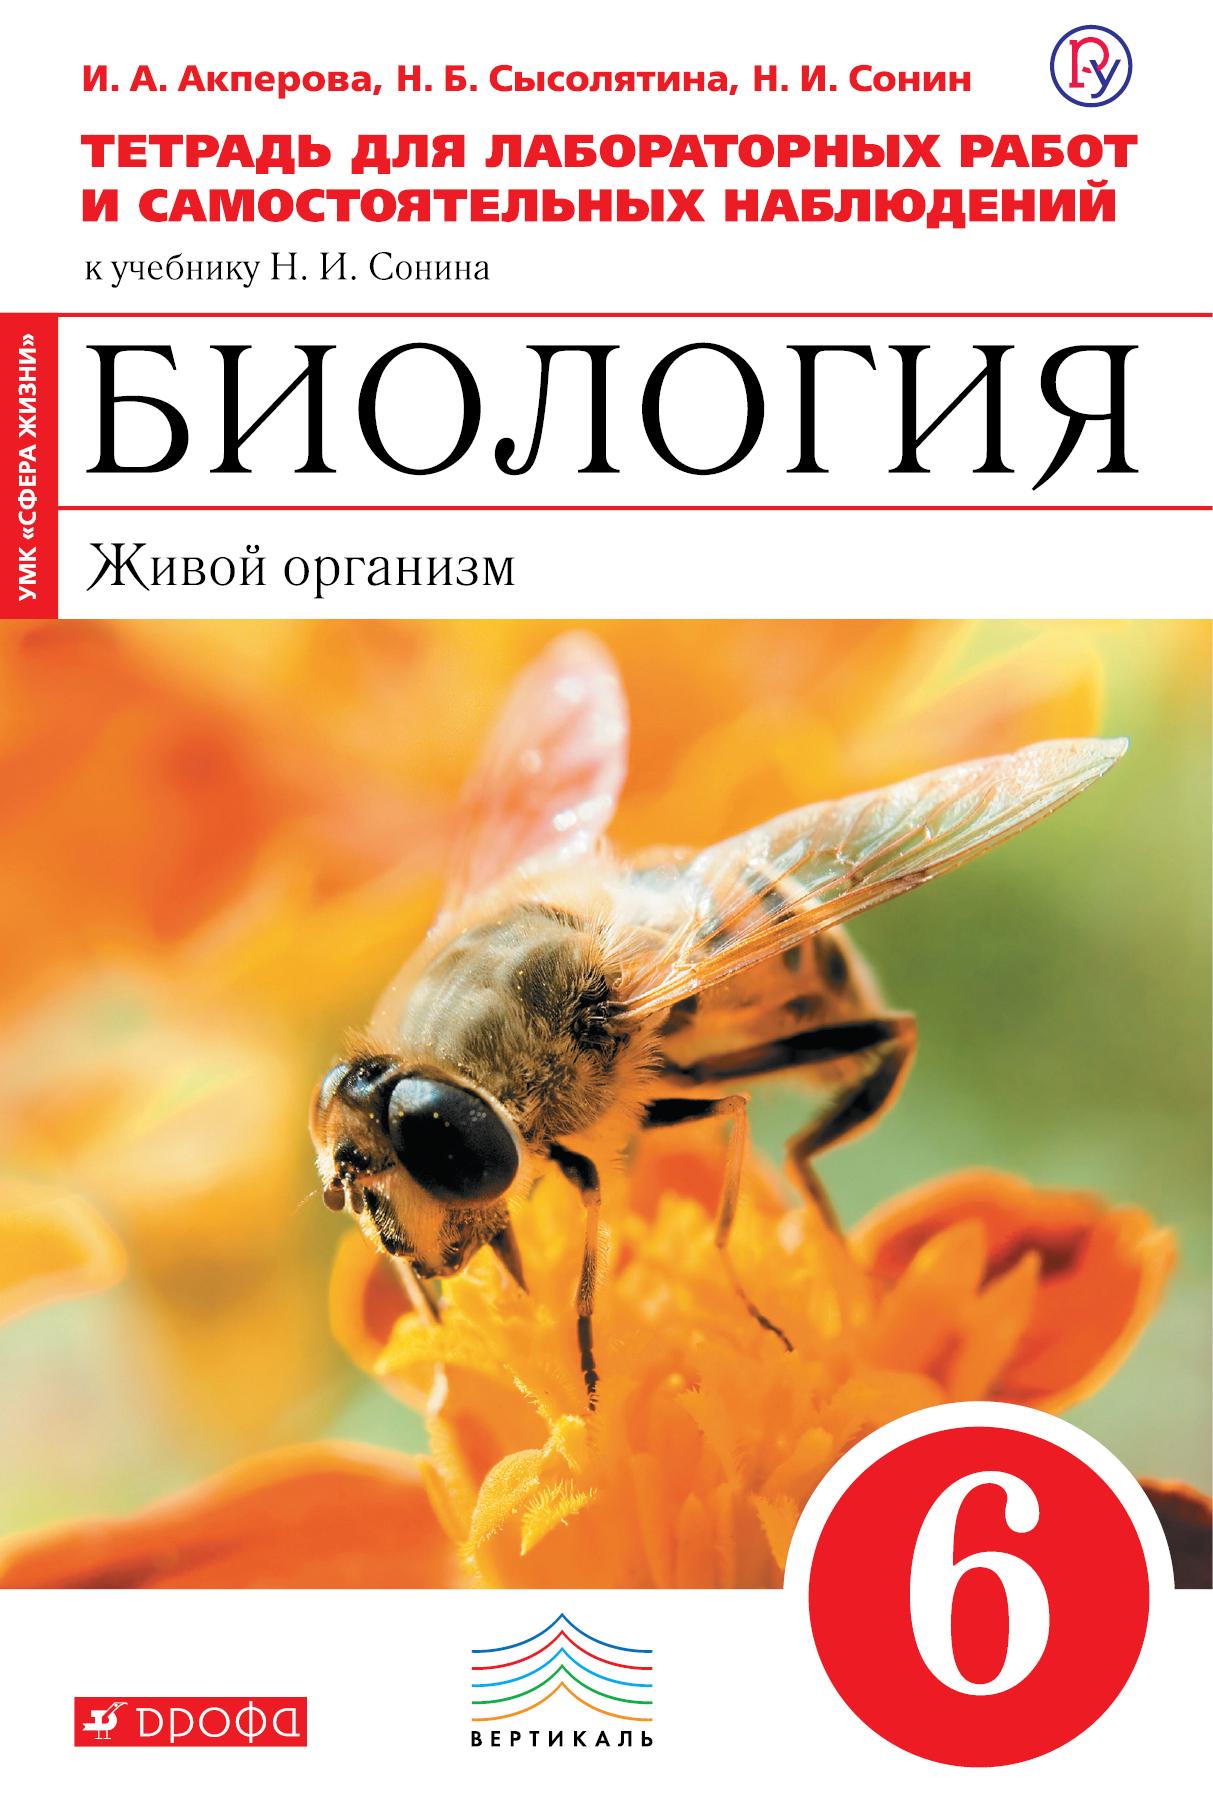 Биология. 6 класс. Живой организм. Тетрадь для лабораторных работ ( Акперова И.А., Сысолятина Н.Б., Сонин Н.И.  )